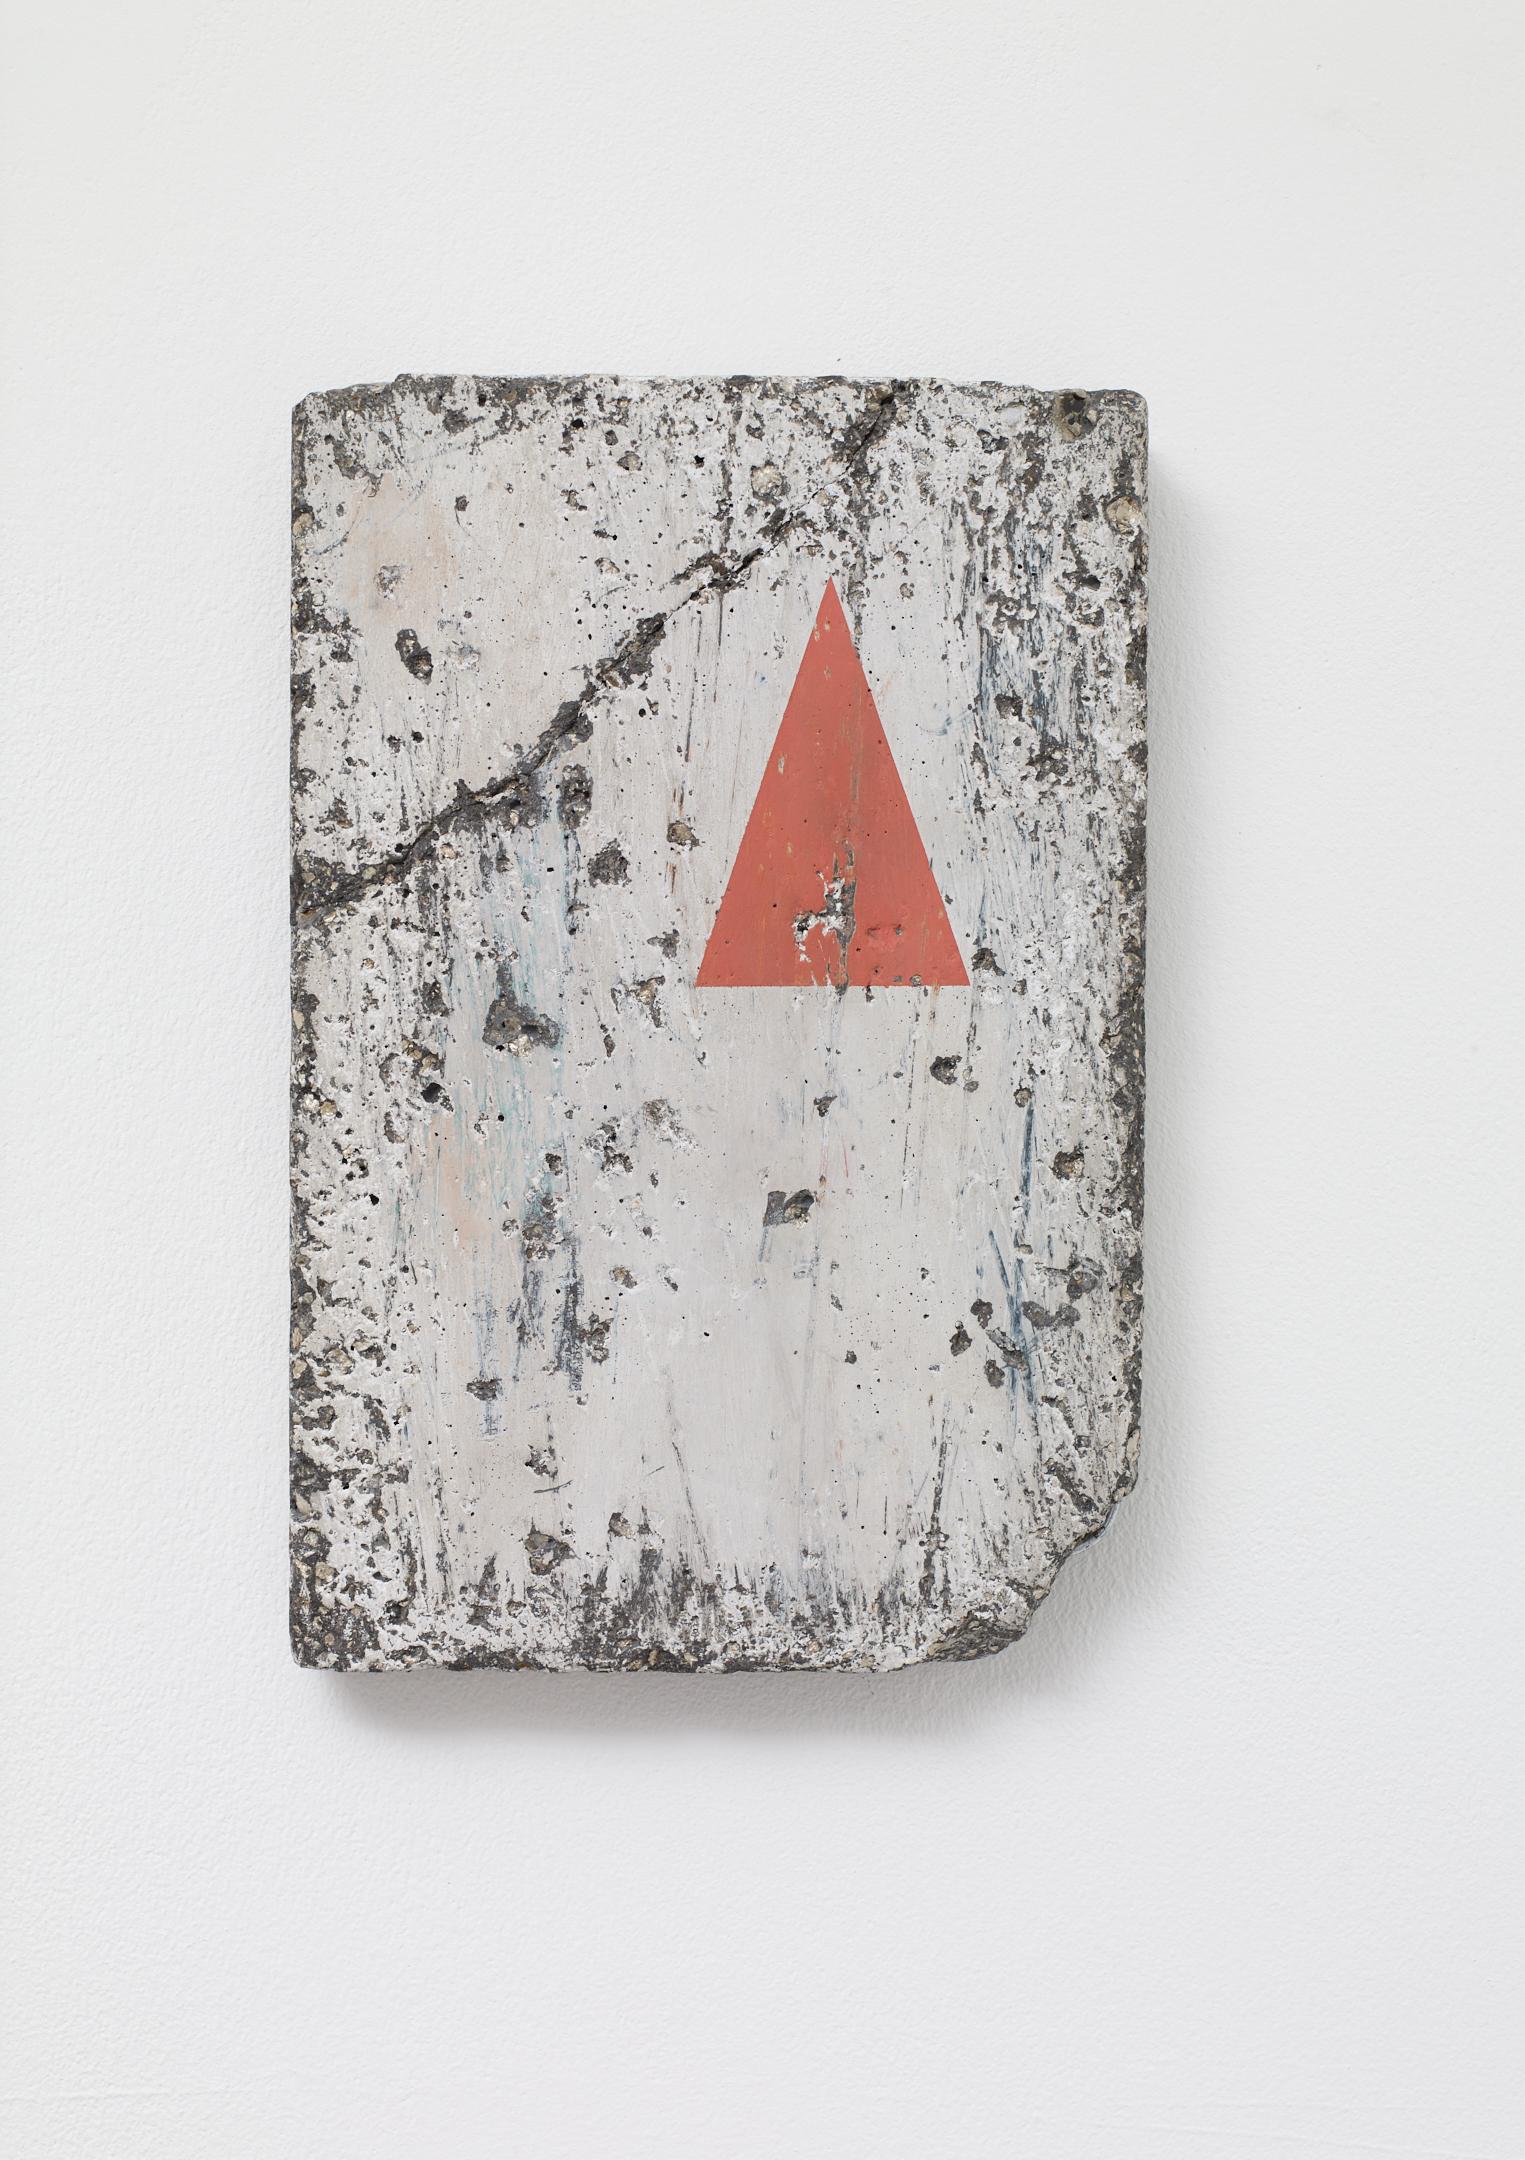 Victor Seaward  Ruin , 2017 Emulsion on cast concrete panel 23.5 x 16 cm